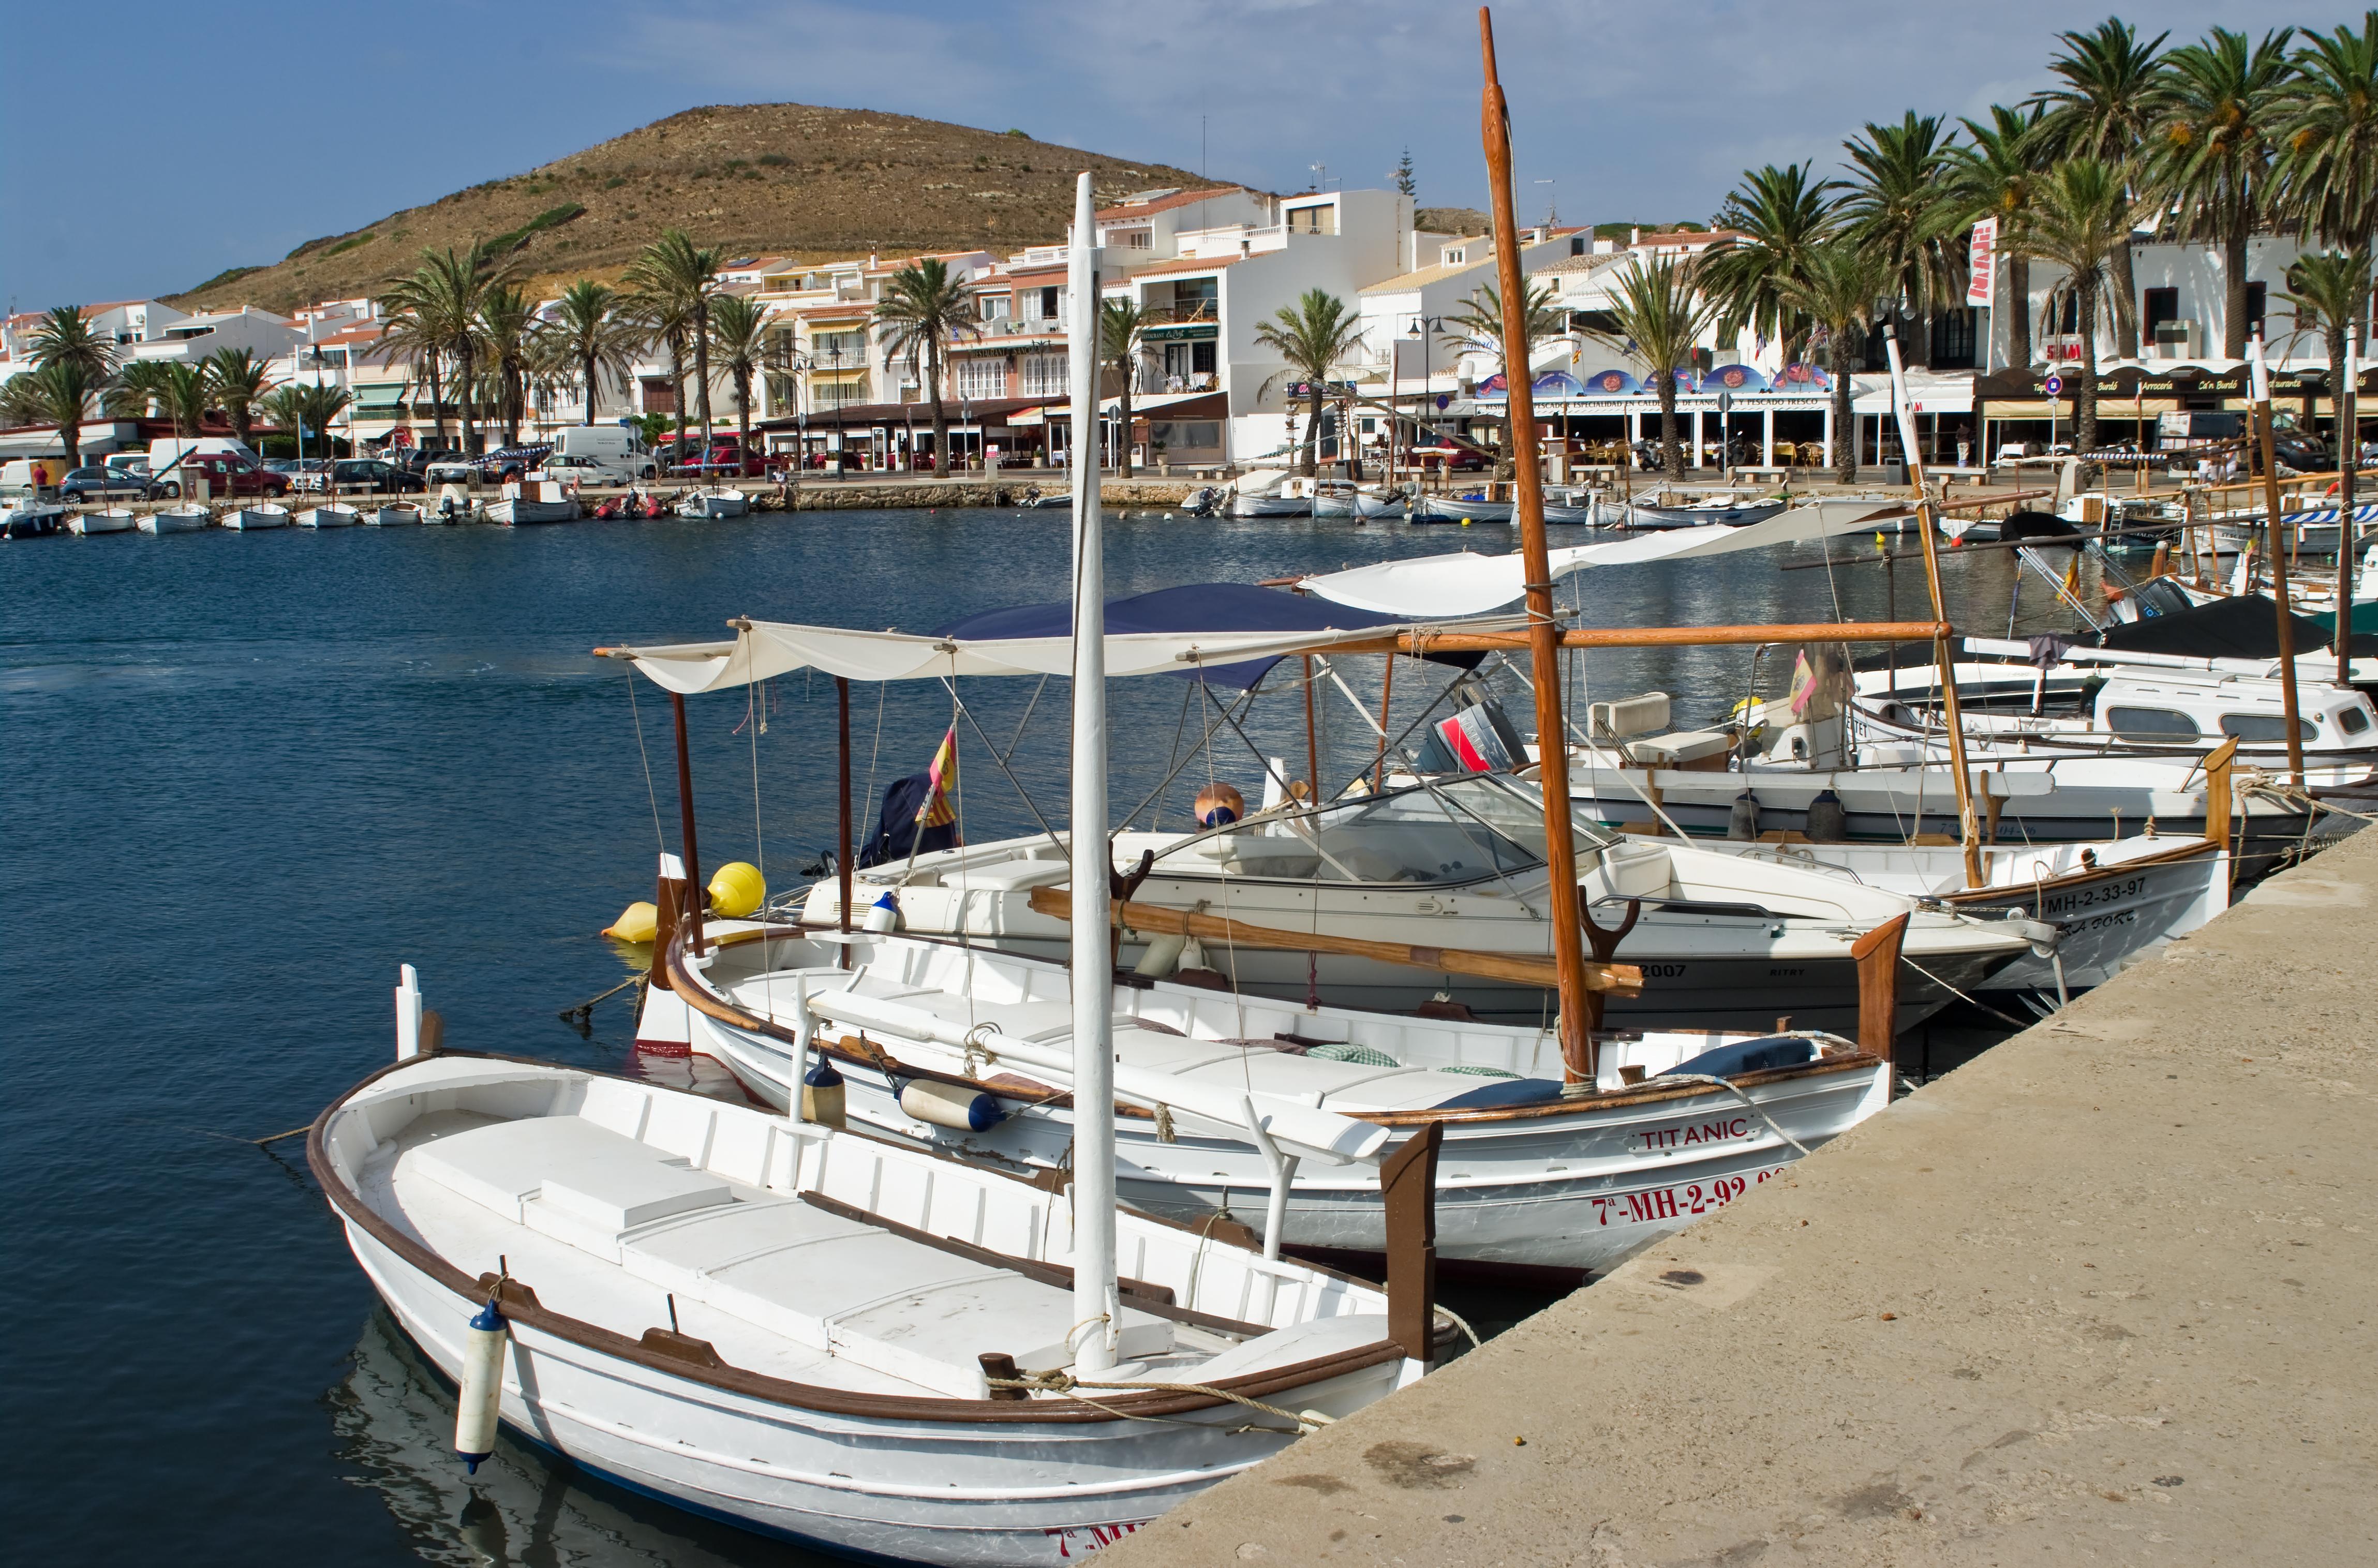 Noleggio Barche Fornells – Isola di Minorca - Navalia | Noleggia un Sogno